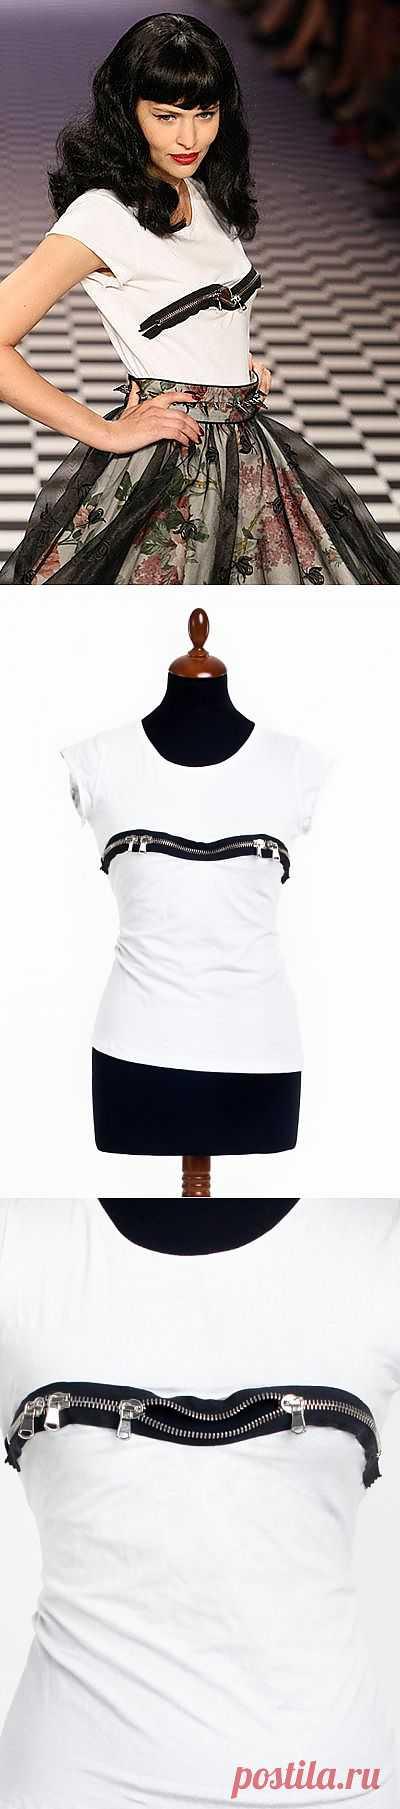 Футболка на молнии / Футболки DIY / Модный сайт о стильной переделке одежды и интерьера